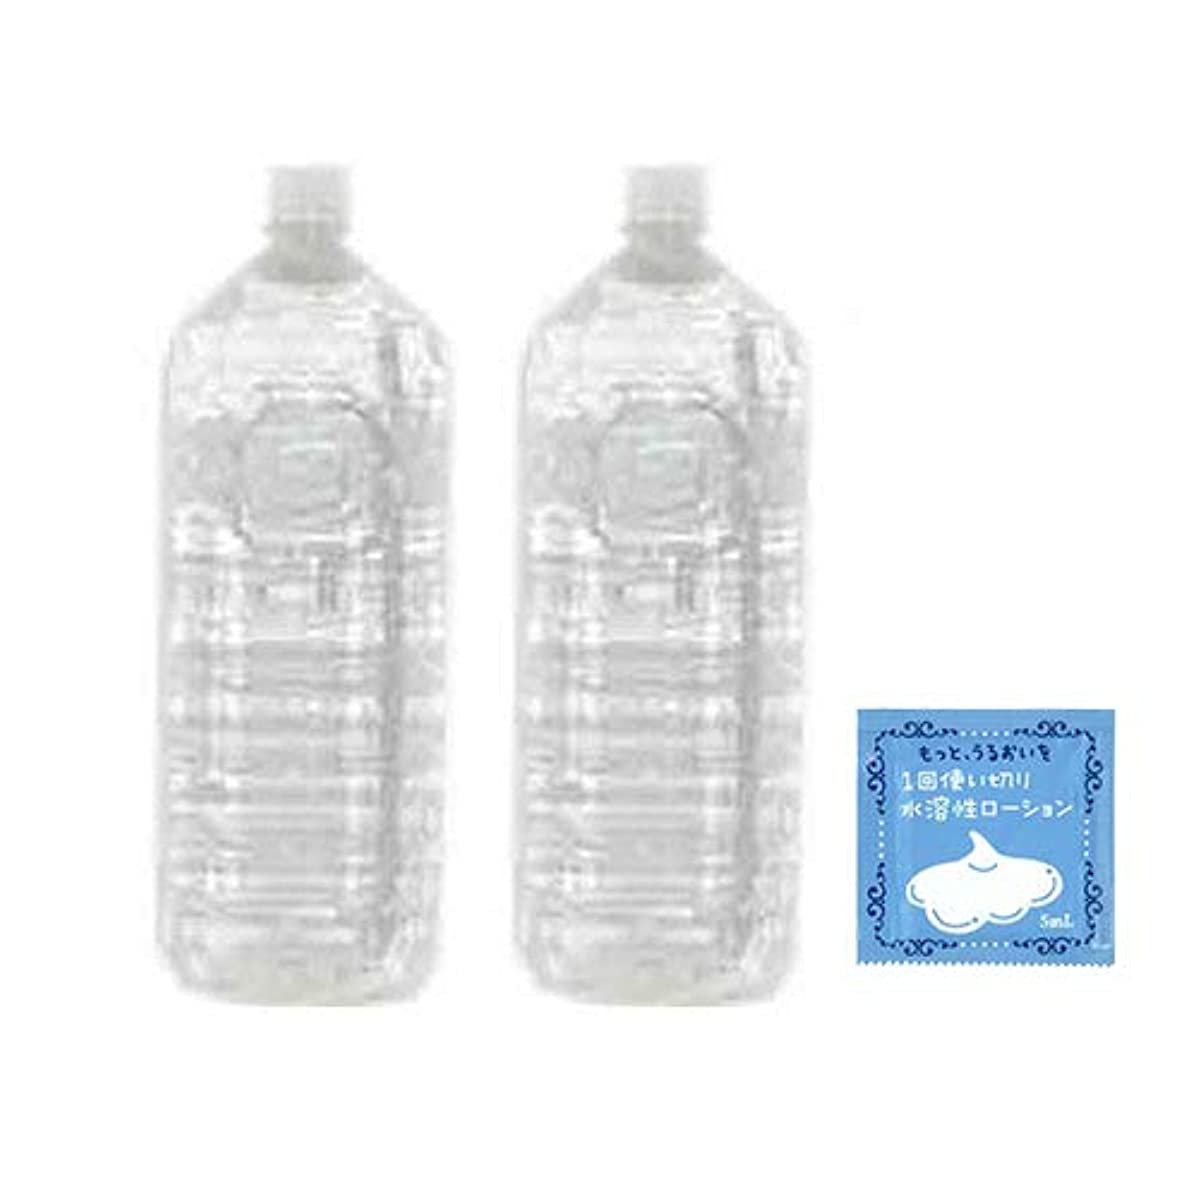 不良品小間ラリーベルモントクリアローション 2Lペットボトル ハードタイプ(5倍濃縮原液) × 2本セット + 1回使い切り水溶性潤滑ローション